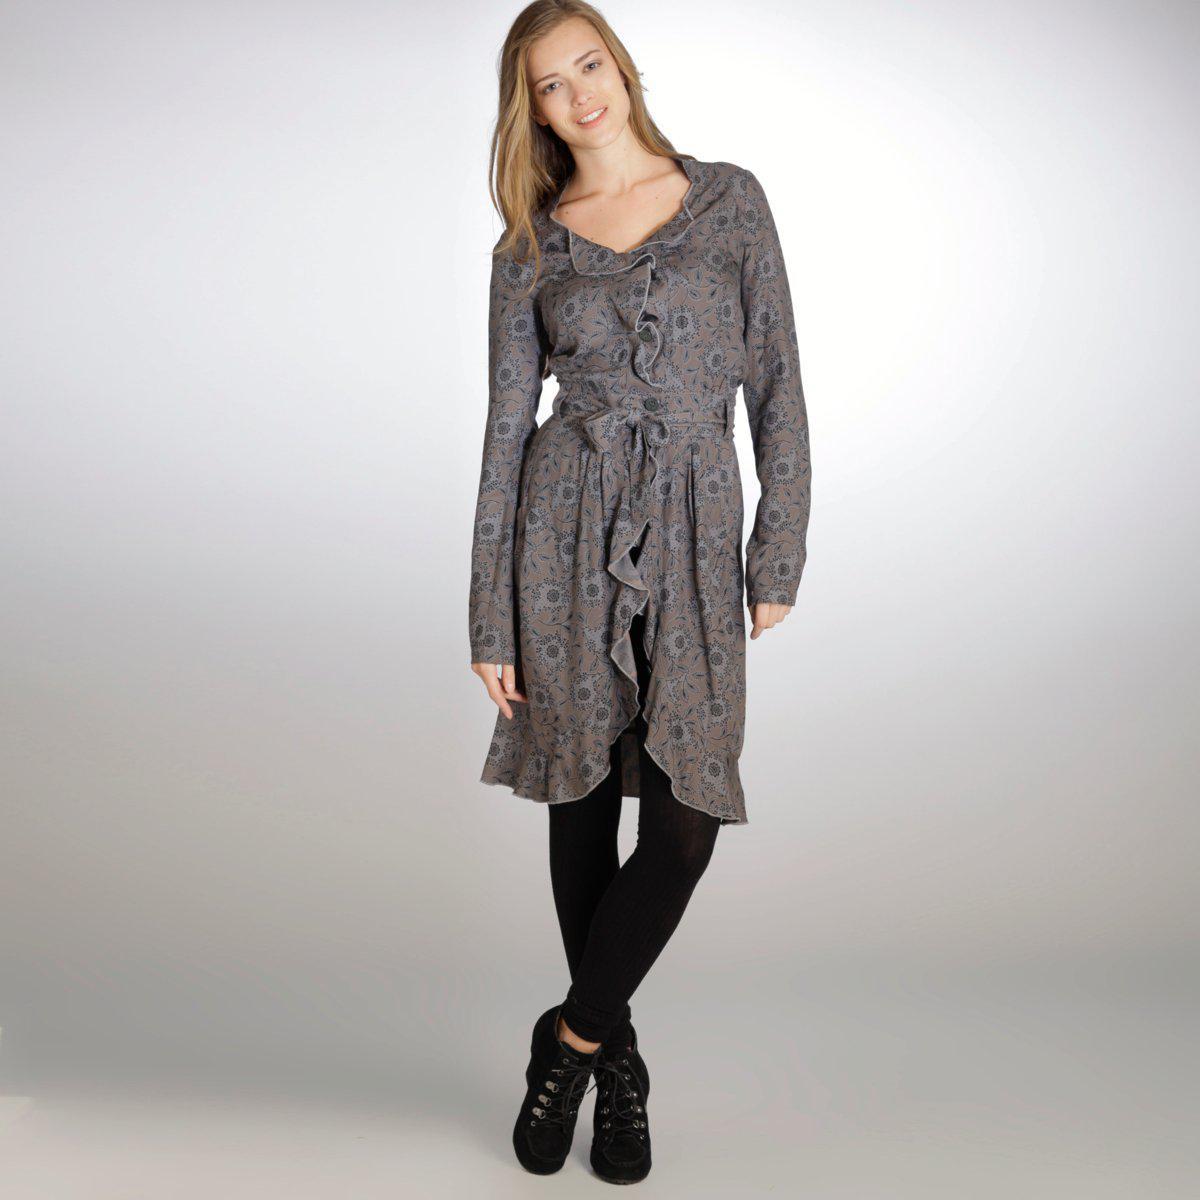 Βραδυνα Φορεματα LaRedoute Χειμώνας 2012 Κωδ. 324206774 c9175dfac49